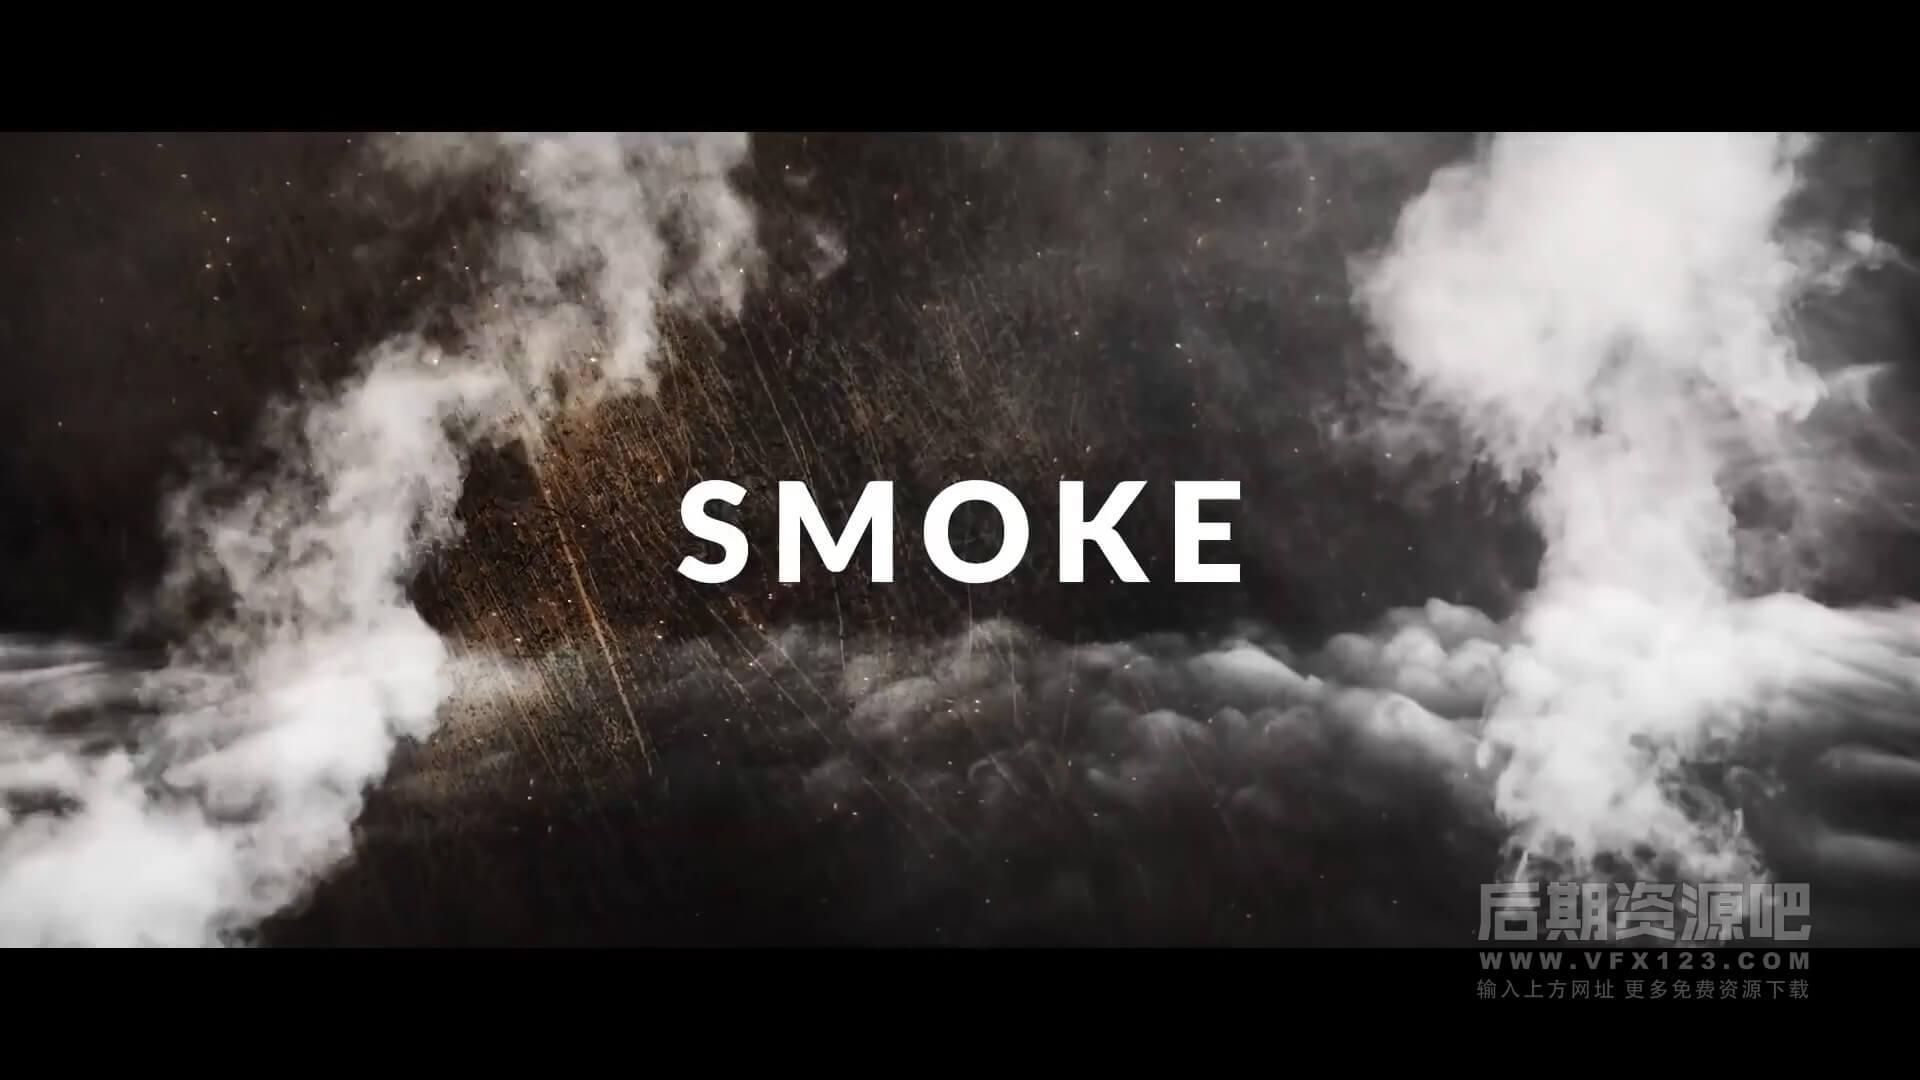 视频素材 25个4K精选影视特效制作素材 火焰爆炸烟雾散落等